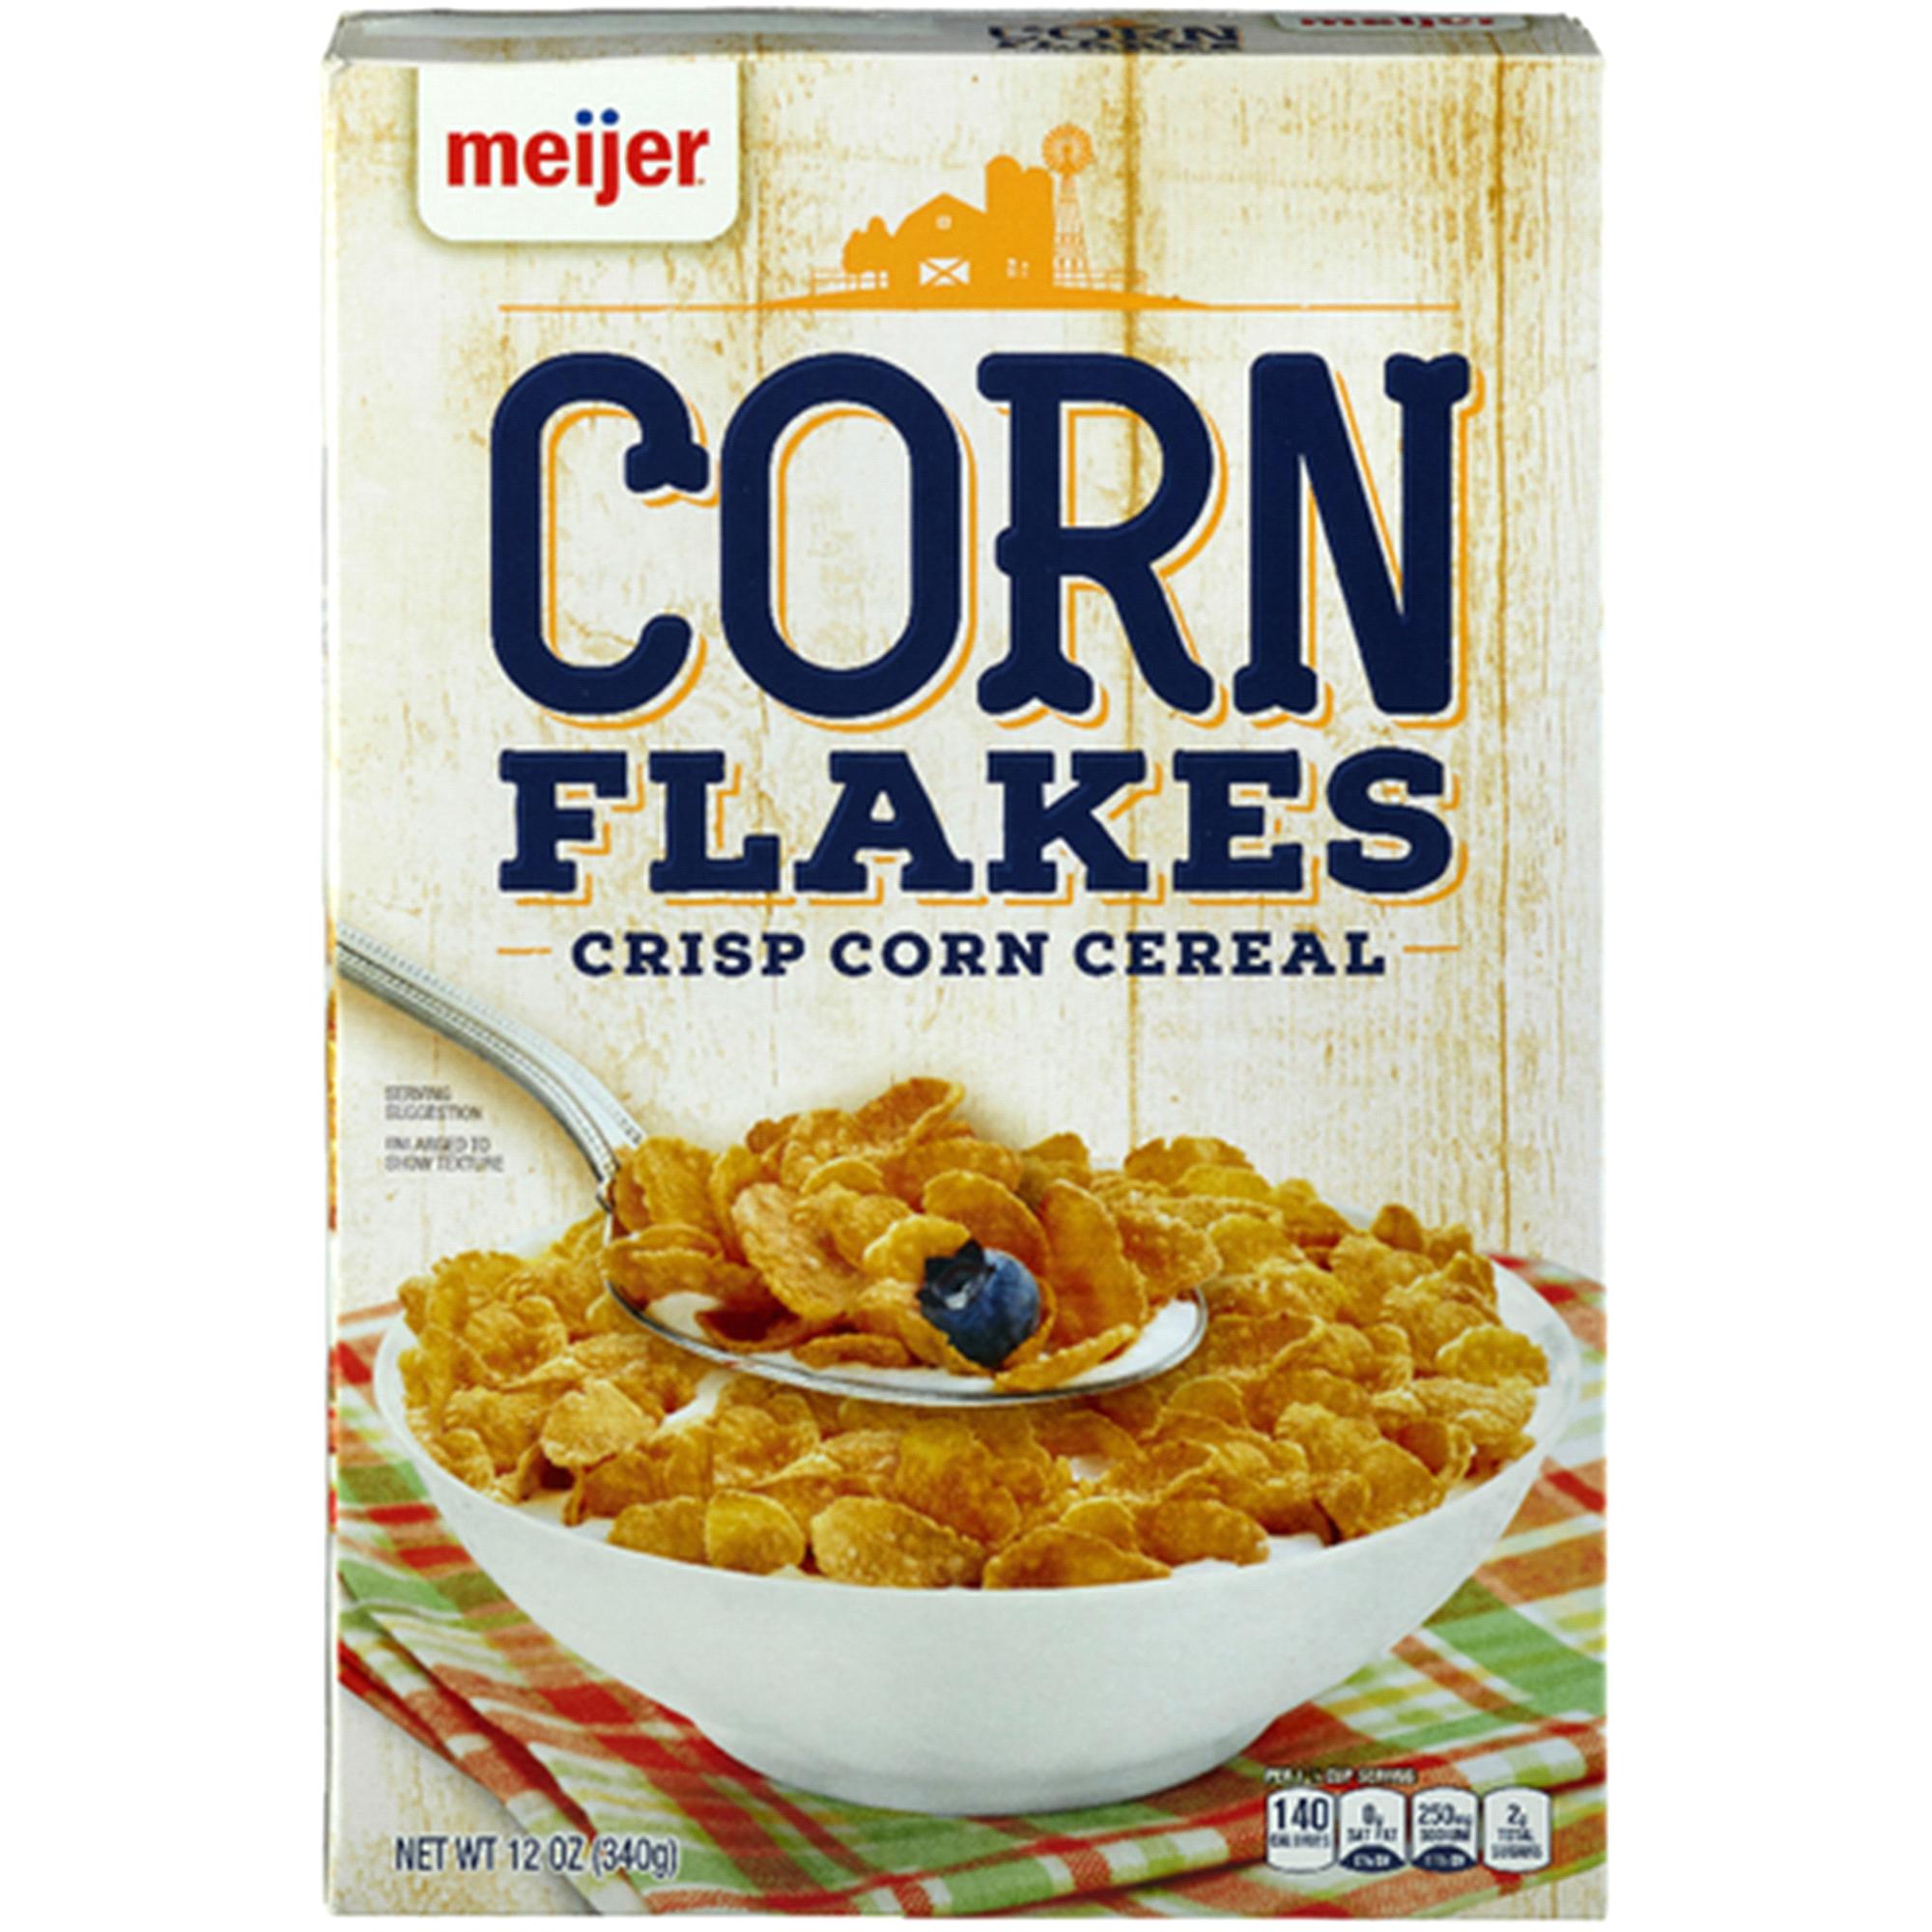 meijer corn flakes 12 oz | meijer